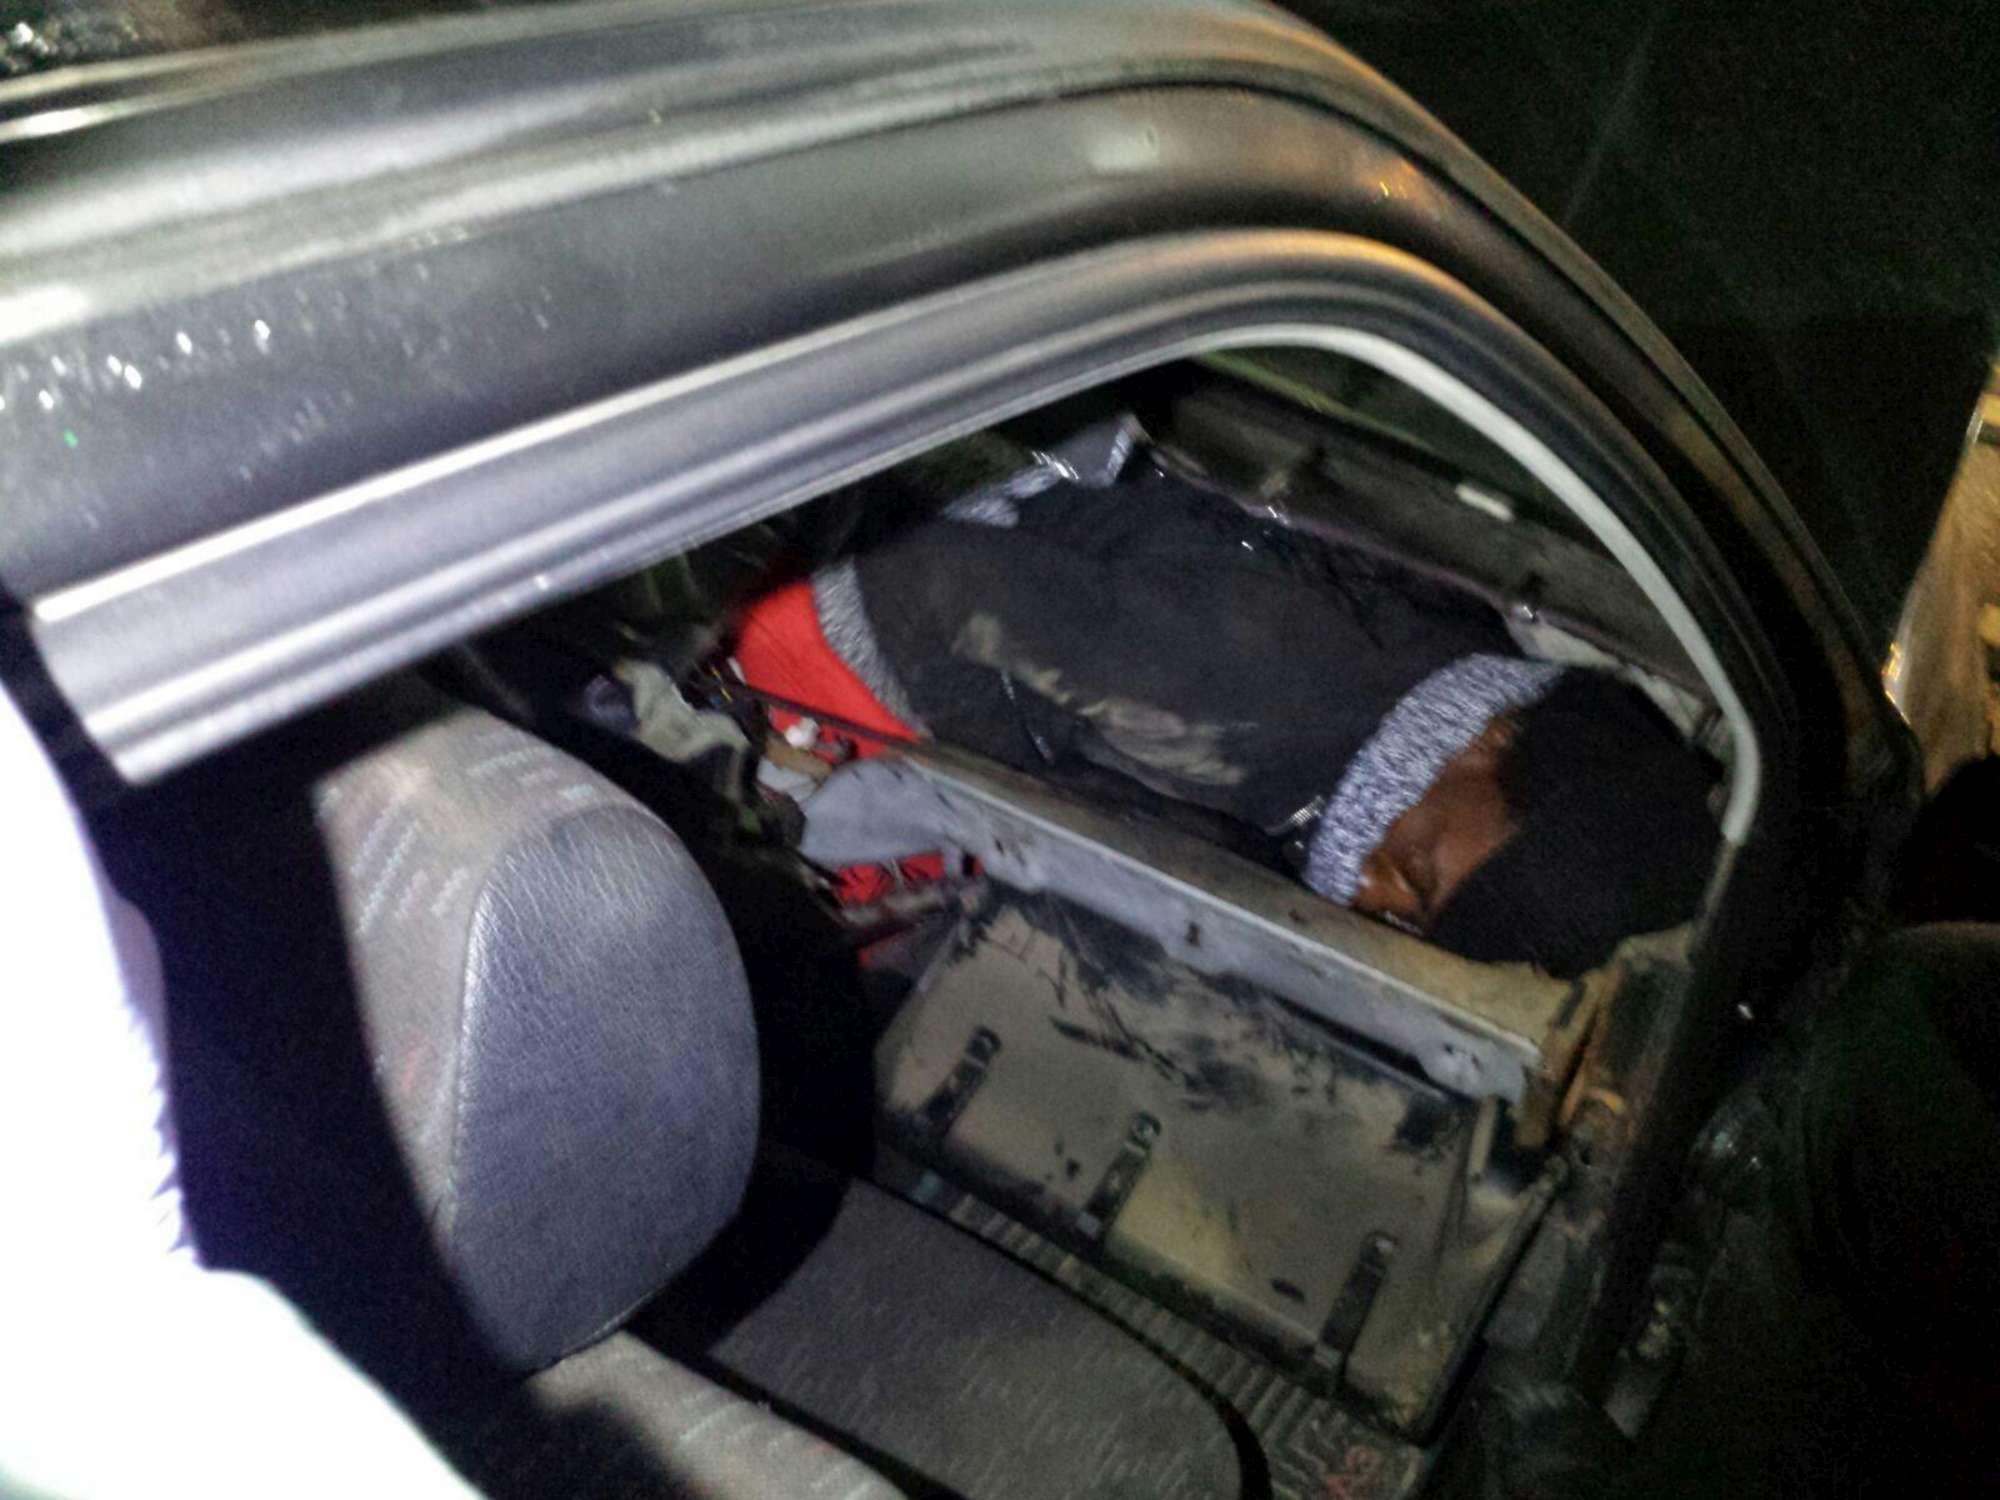 Arrestata a Ceuta, trasportava migrante in una valigia